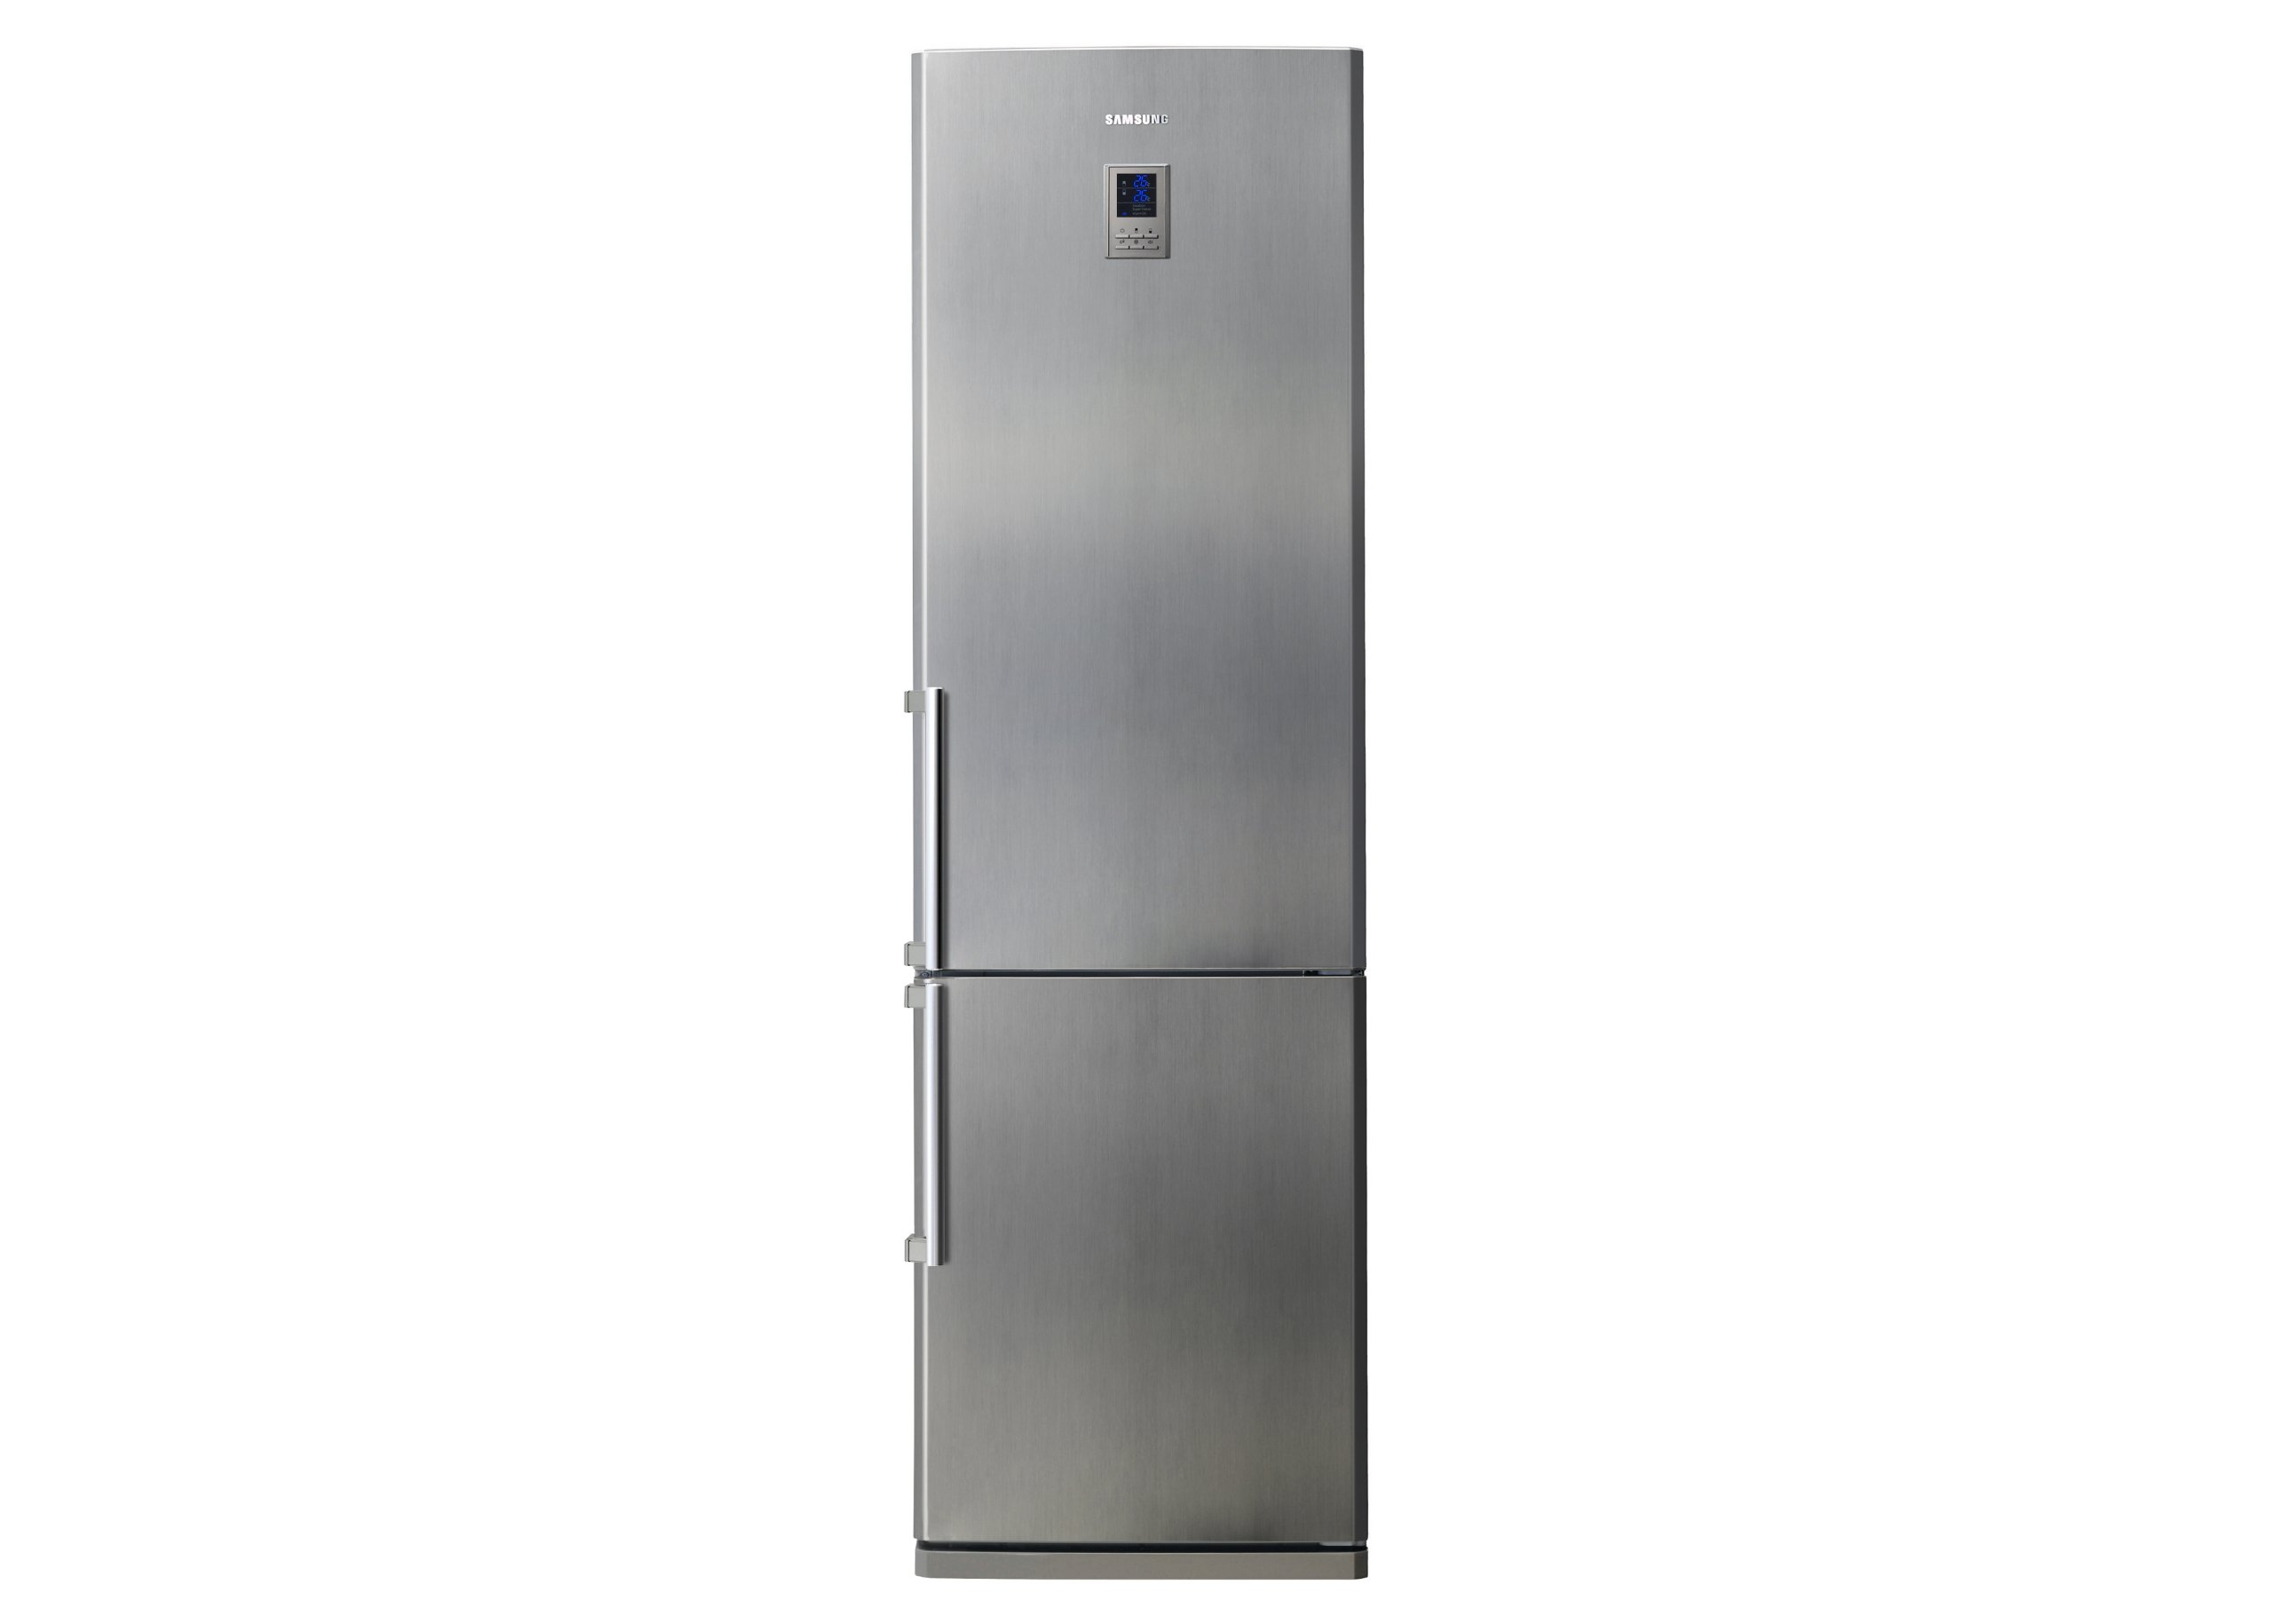 Samsung RL40HGIH nevera y congelador Independiente Acero ...